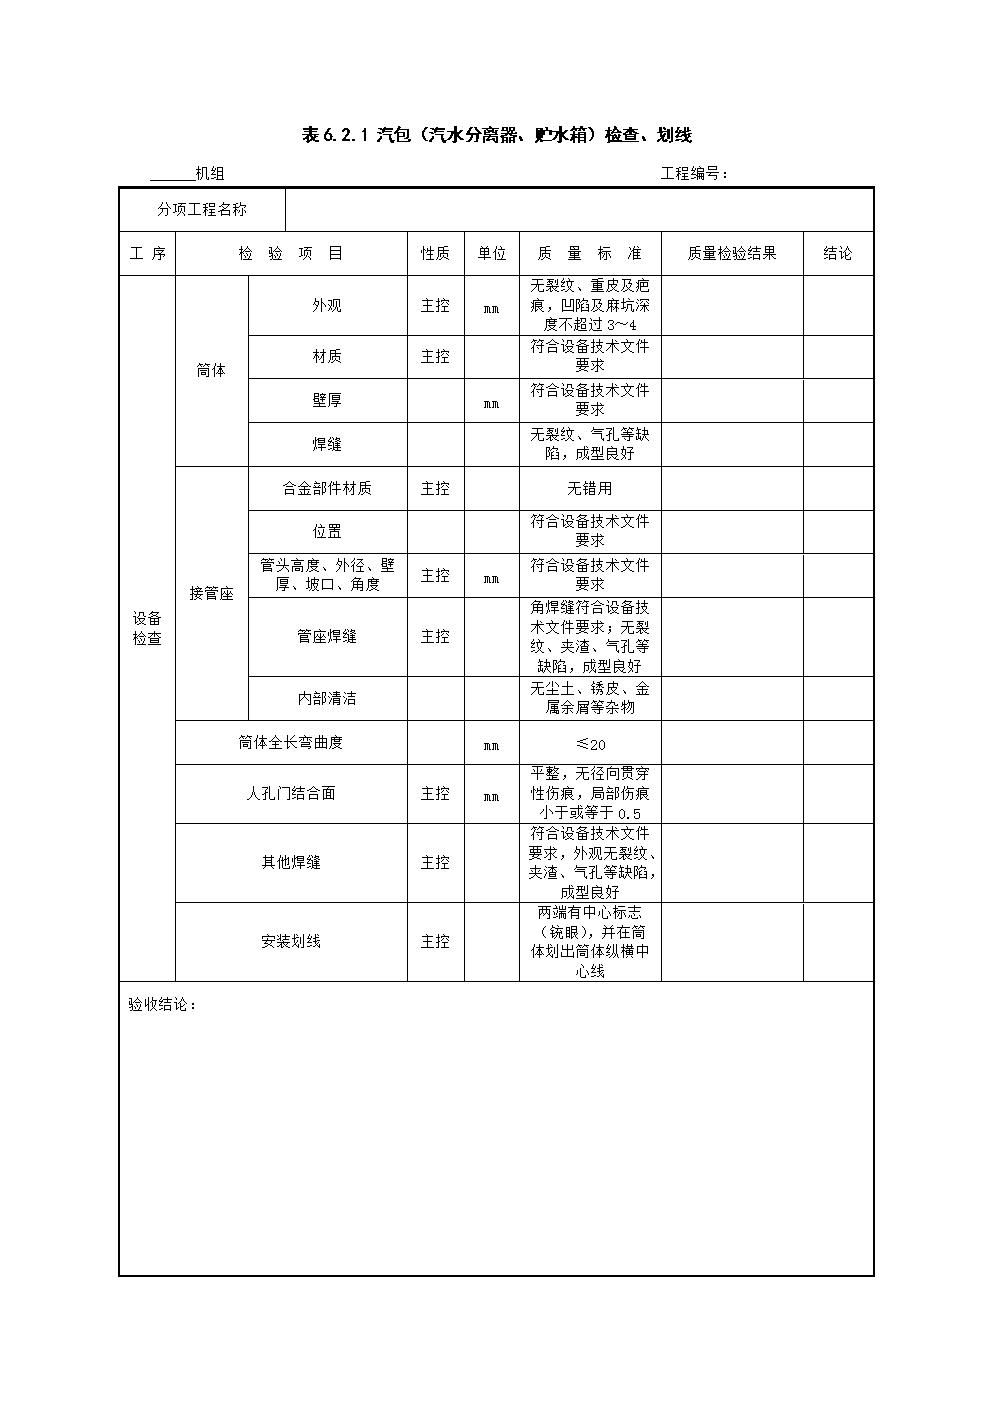 锅炉本体安装2018最新电子版表格2(DL5210.2-2018).doc